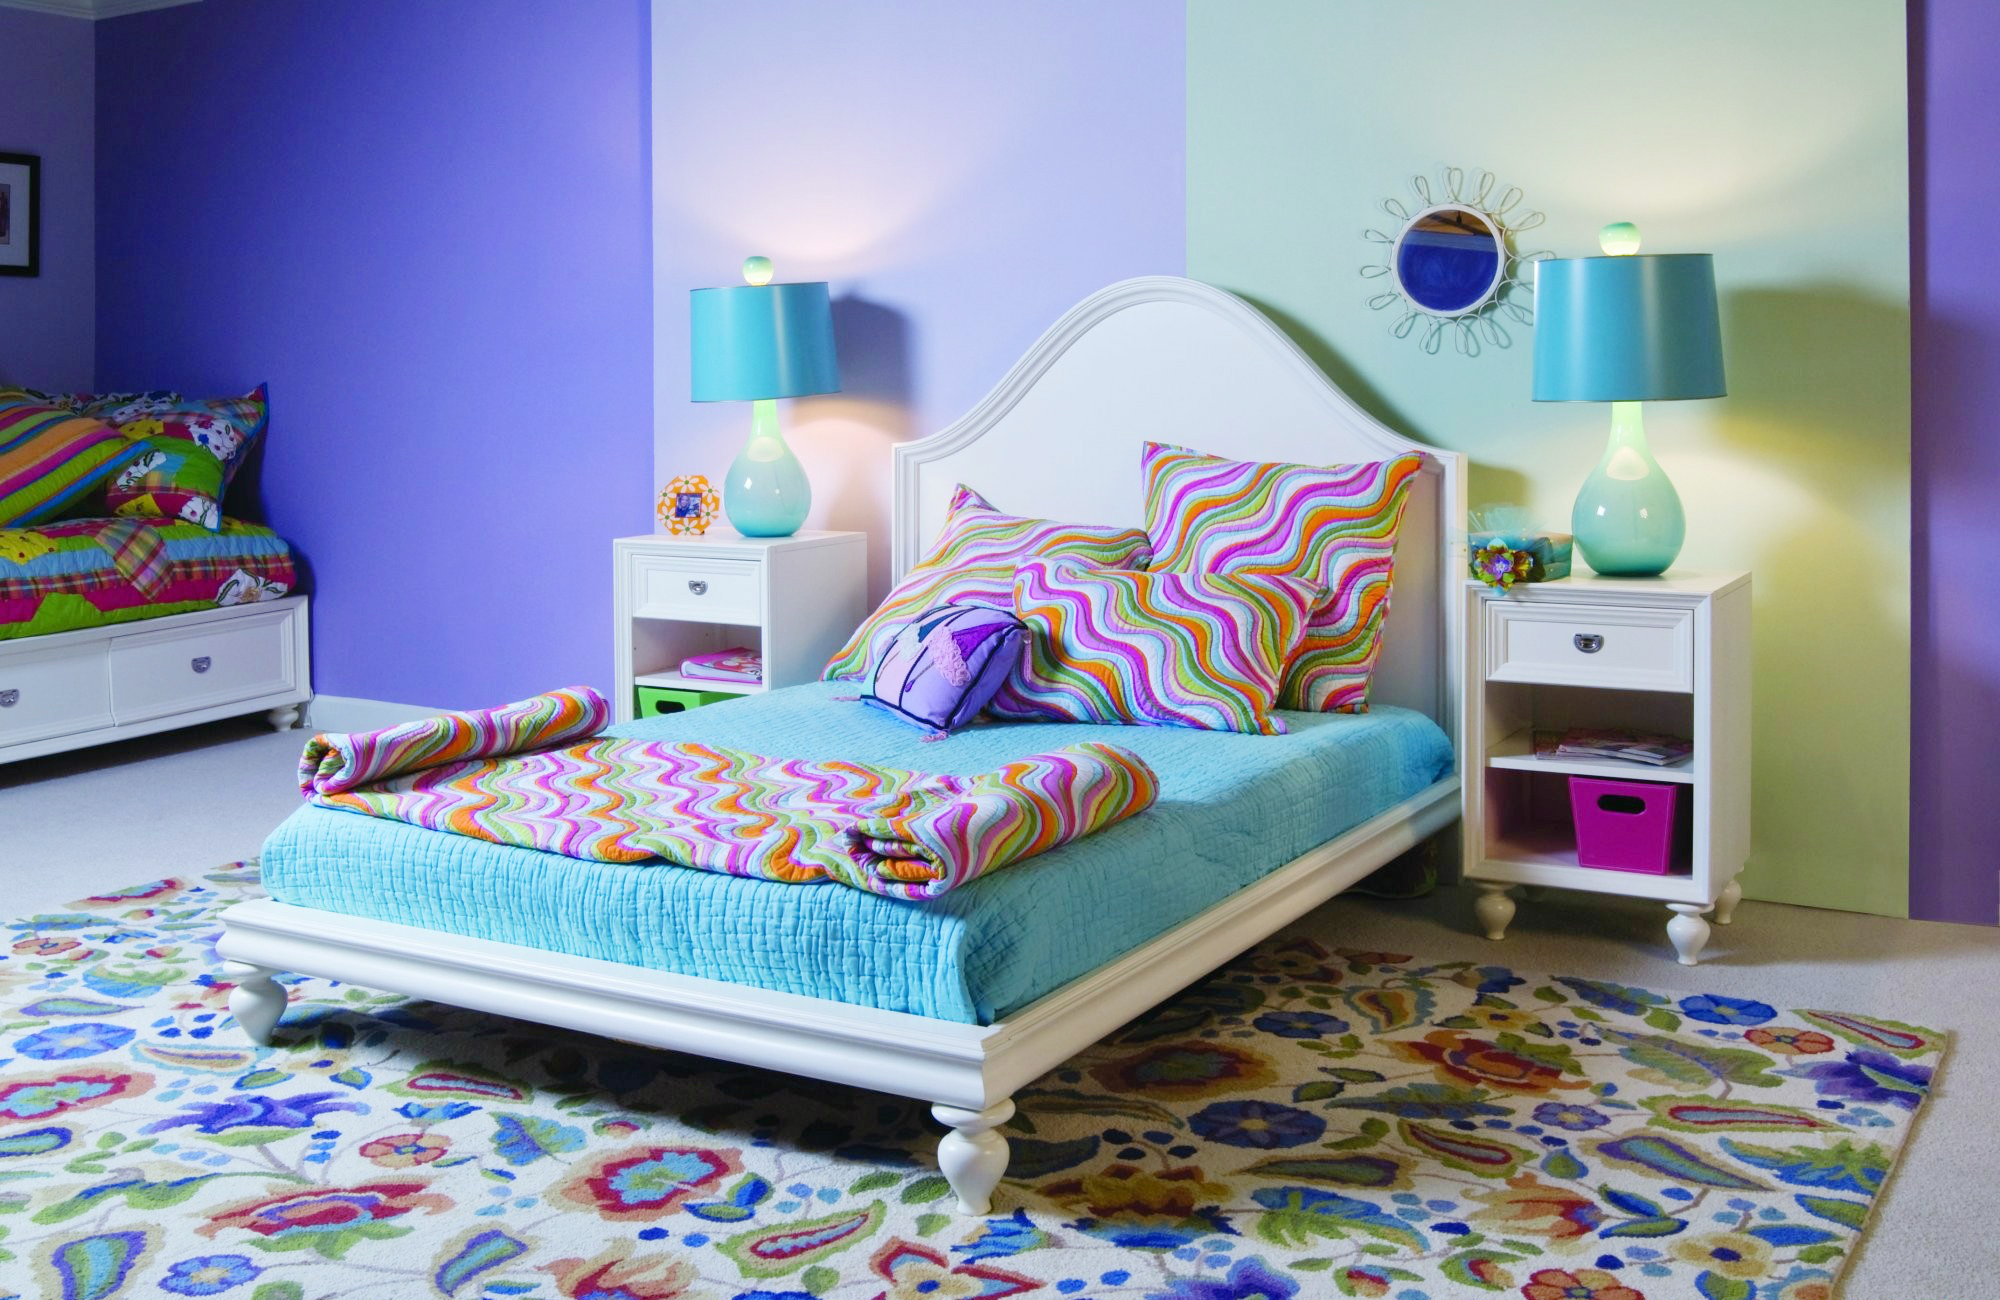 Голубой, зеленый и другие цвета в интерьере детской спальни